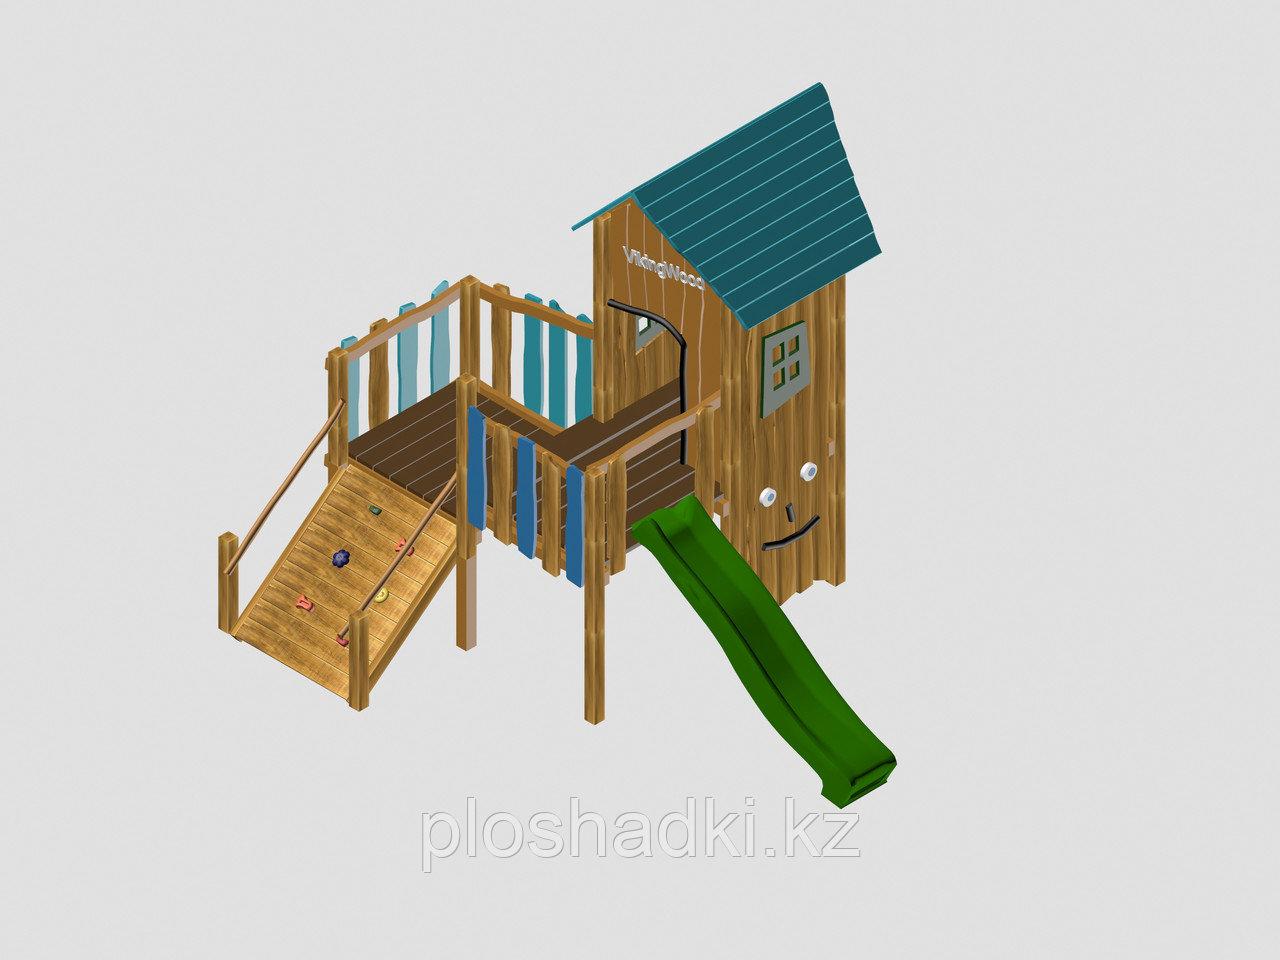 """Игровой комплекс """"Вилсон"""", крыша из дерева, лестница-скалодром, домик, горка, скалодром с каменными зацепками"""